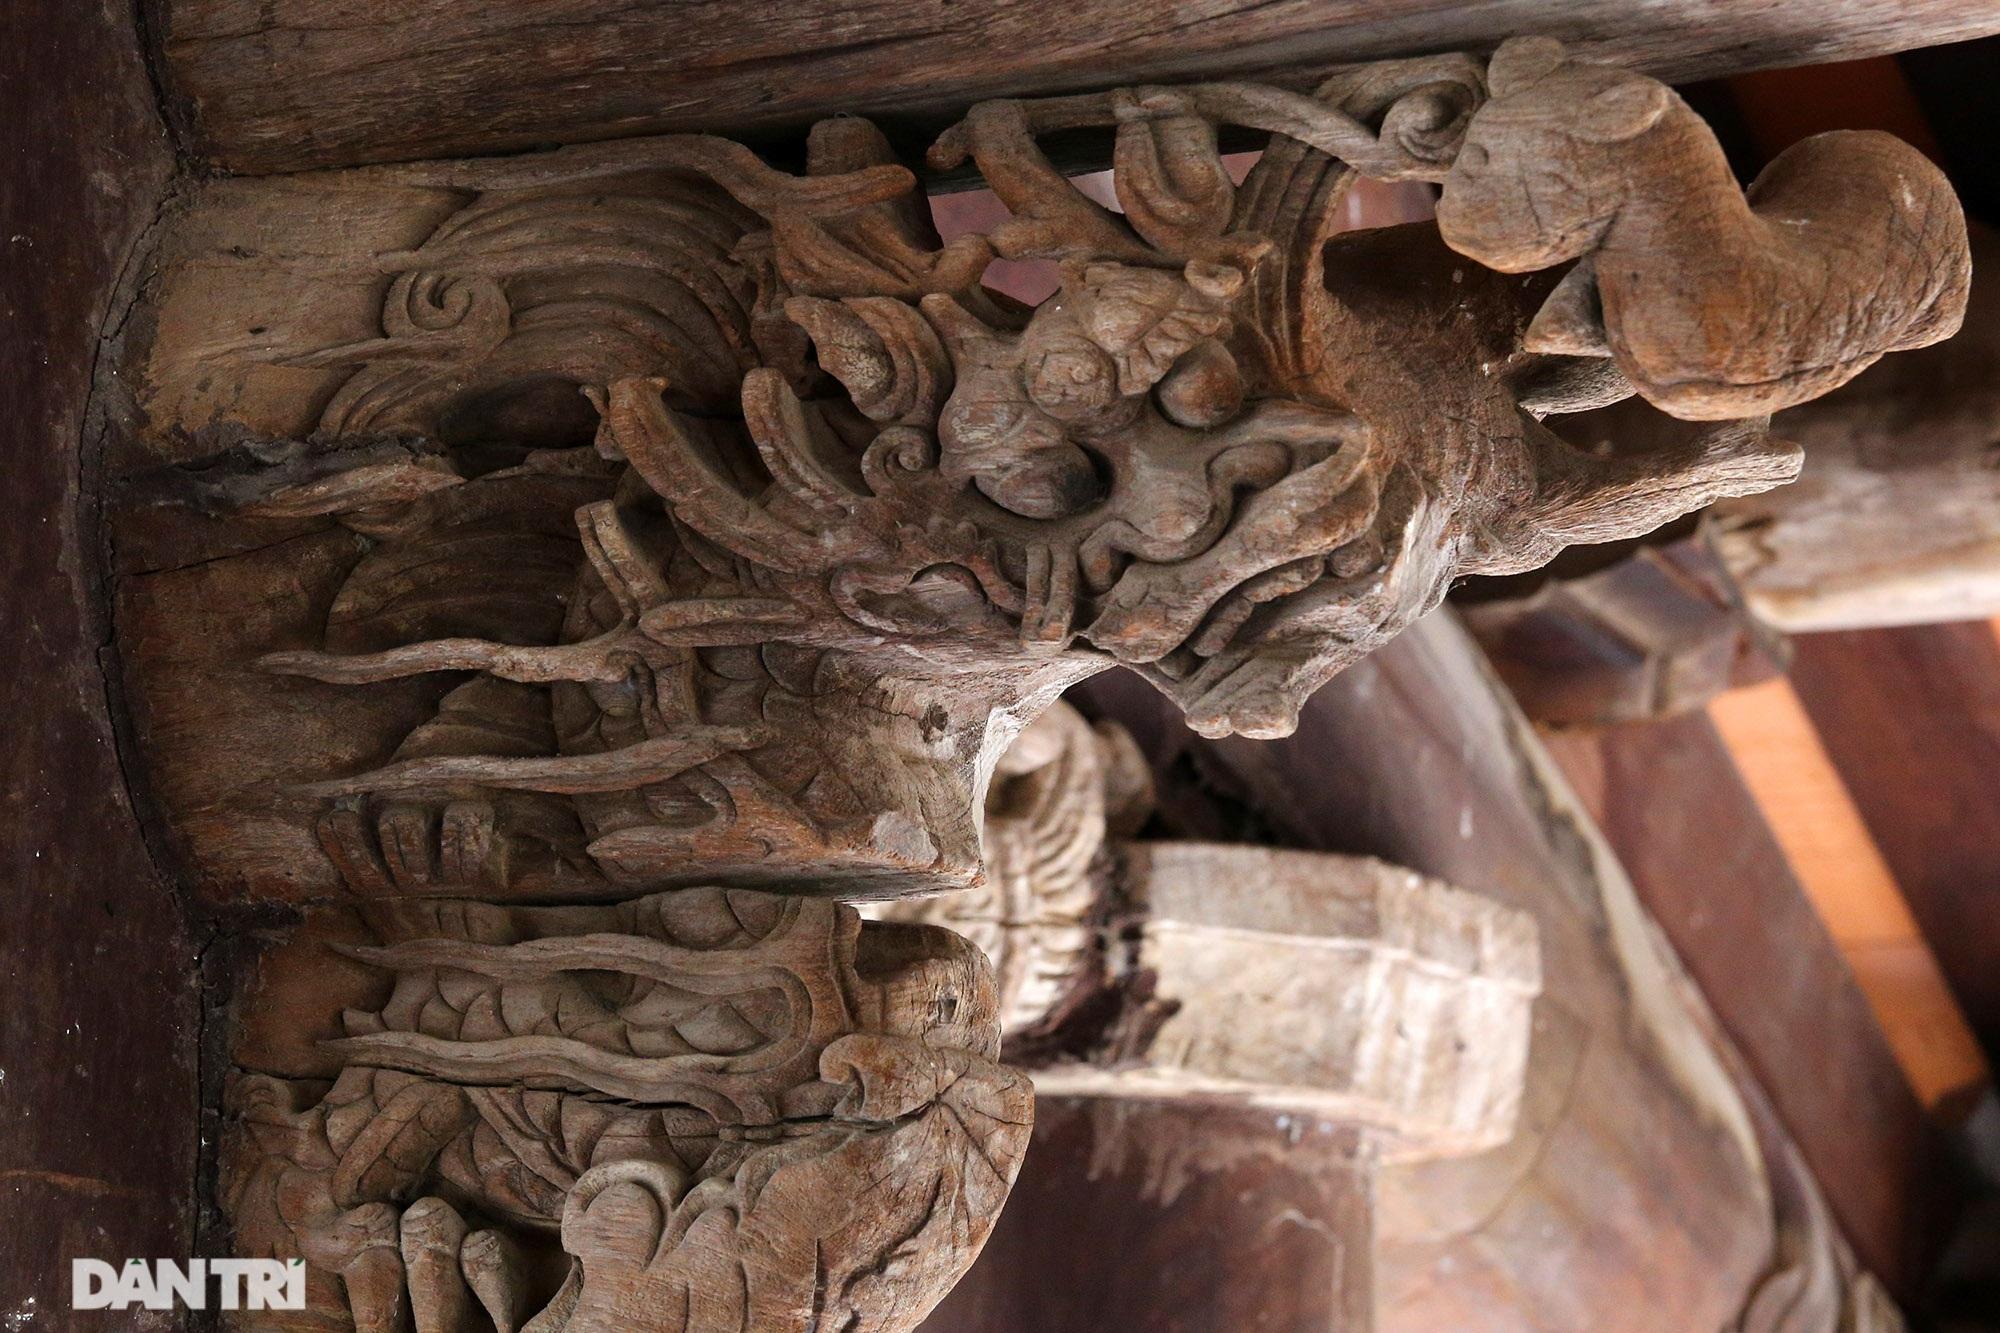 Chiêm ngưỡng tuyệt tác chạm khắc hơn 400 năm tuổi tại Hà Nội - 7